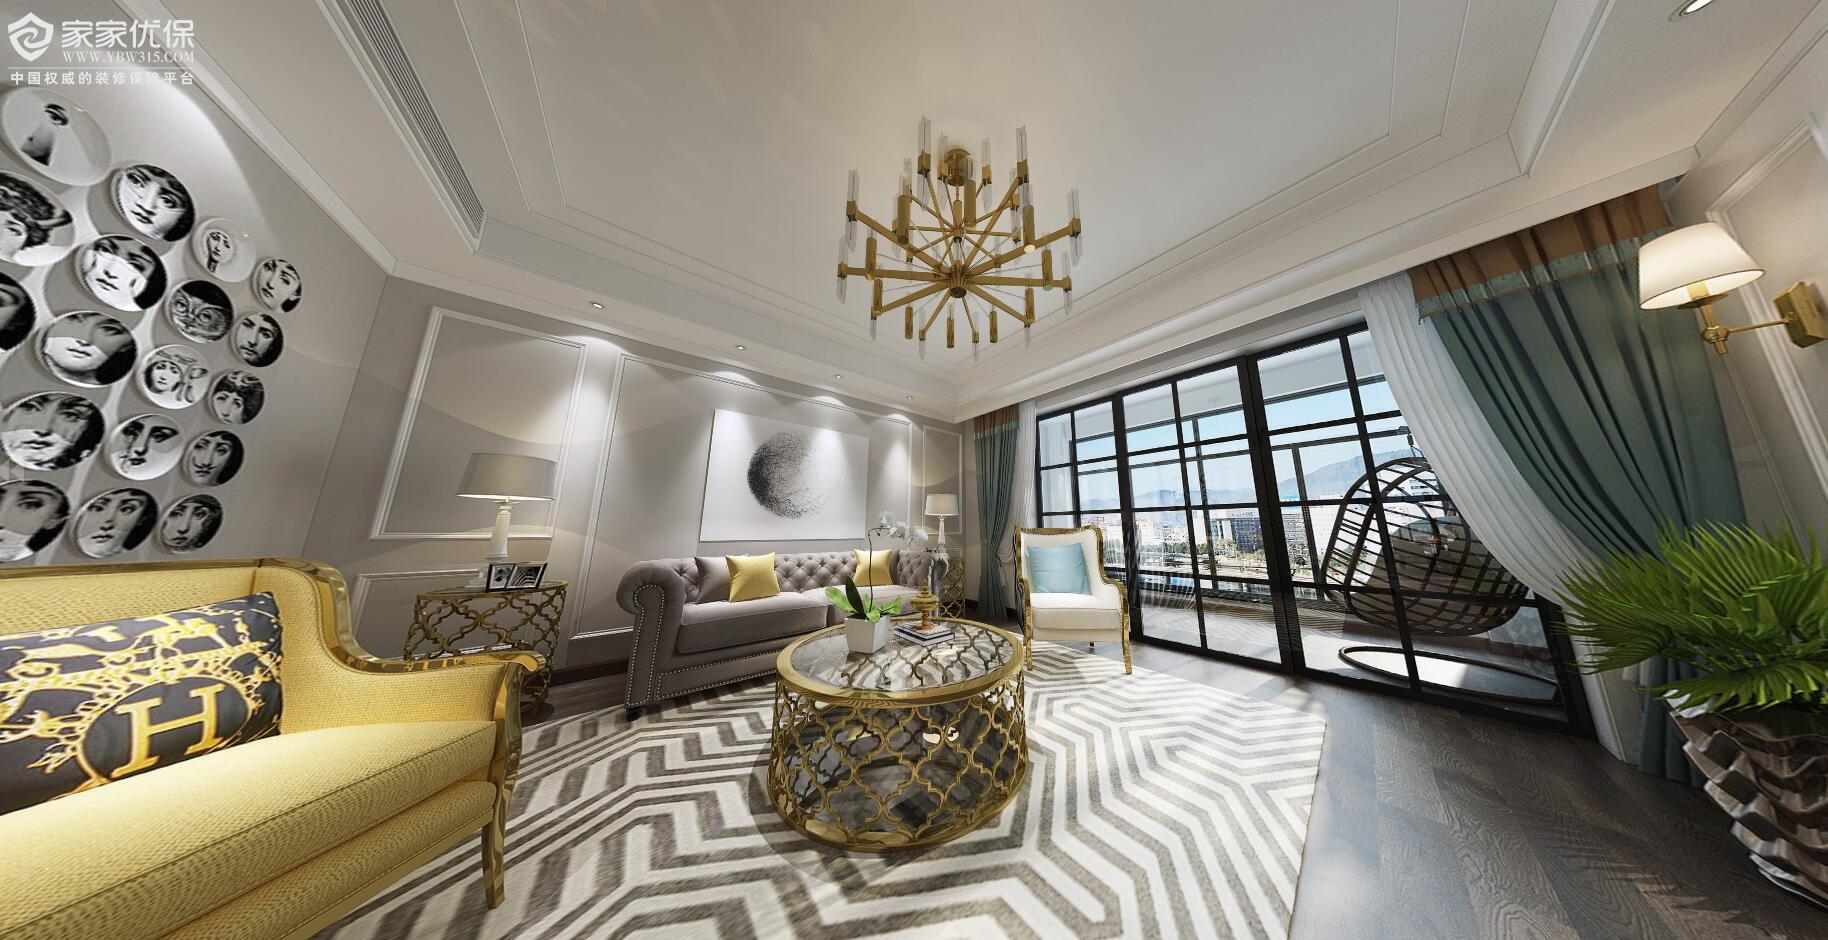 二房二厅美式风格3d效果图